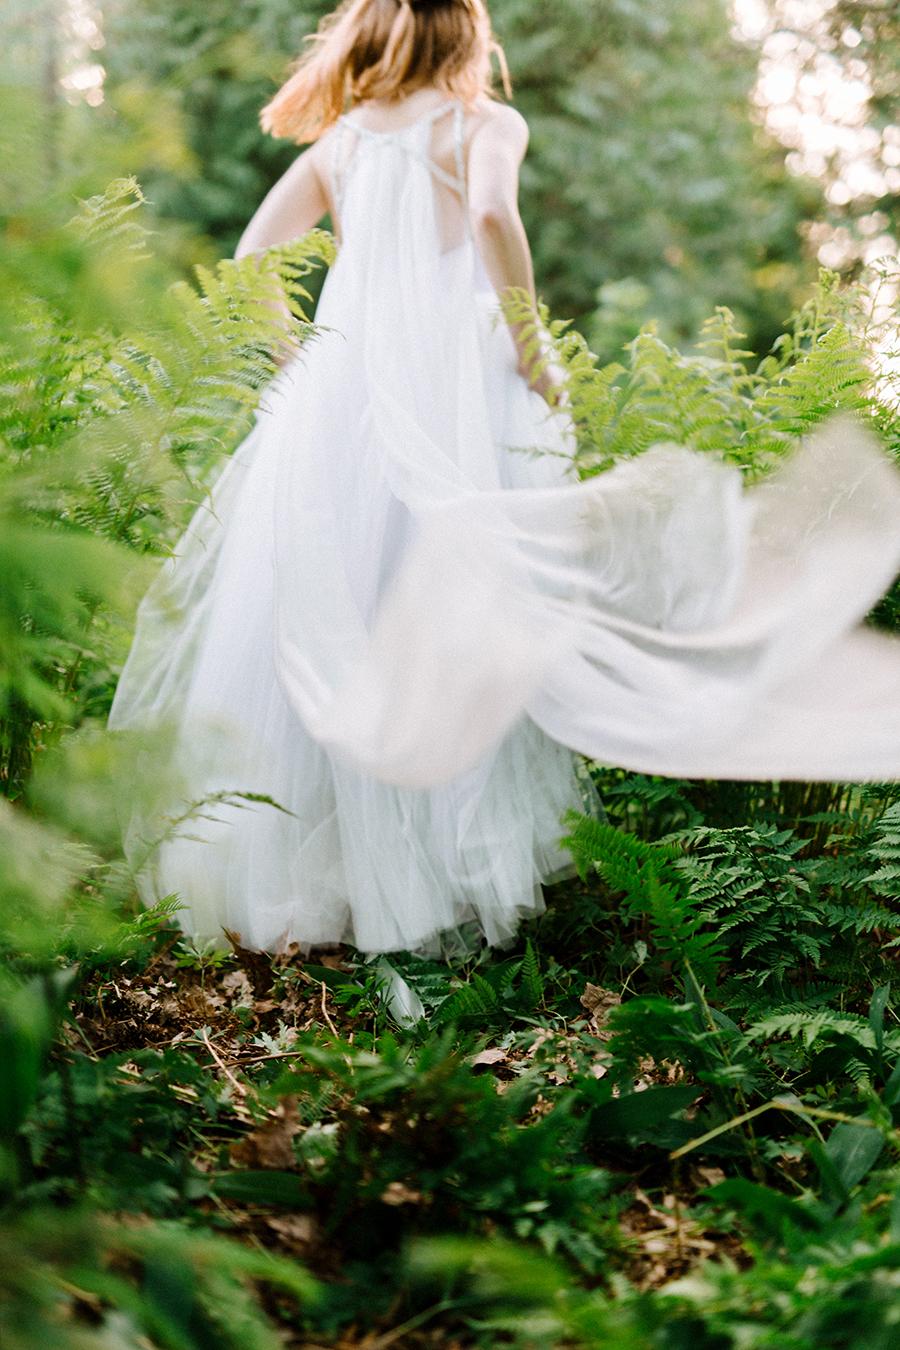 Woodsy Bridal Boudoir Morsian Huomenlahjakuvaus (7).jpg